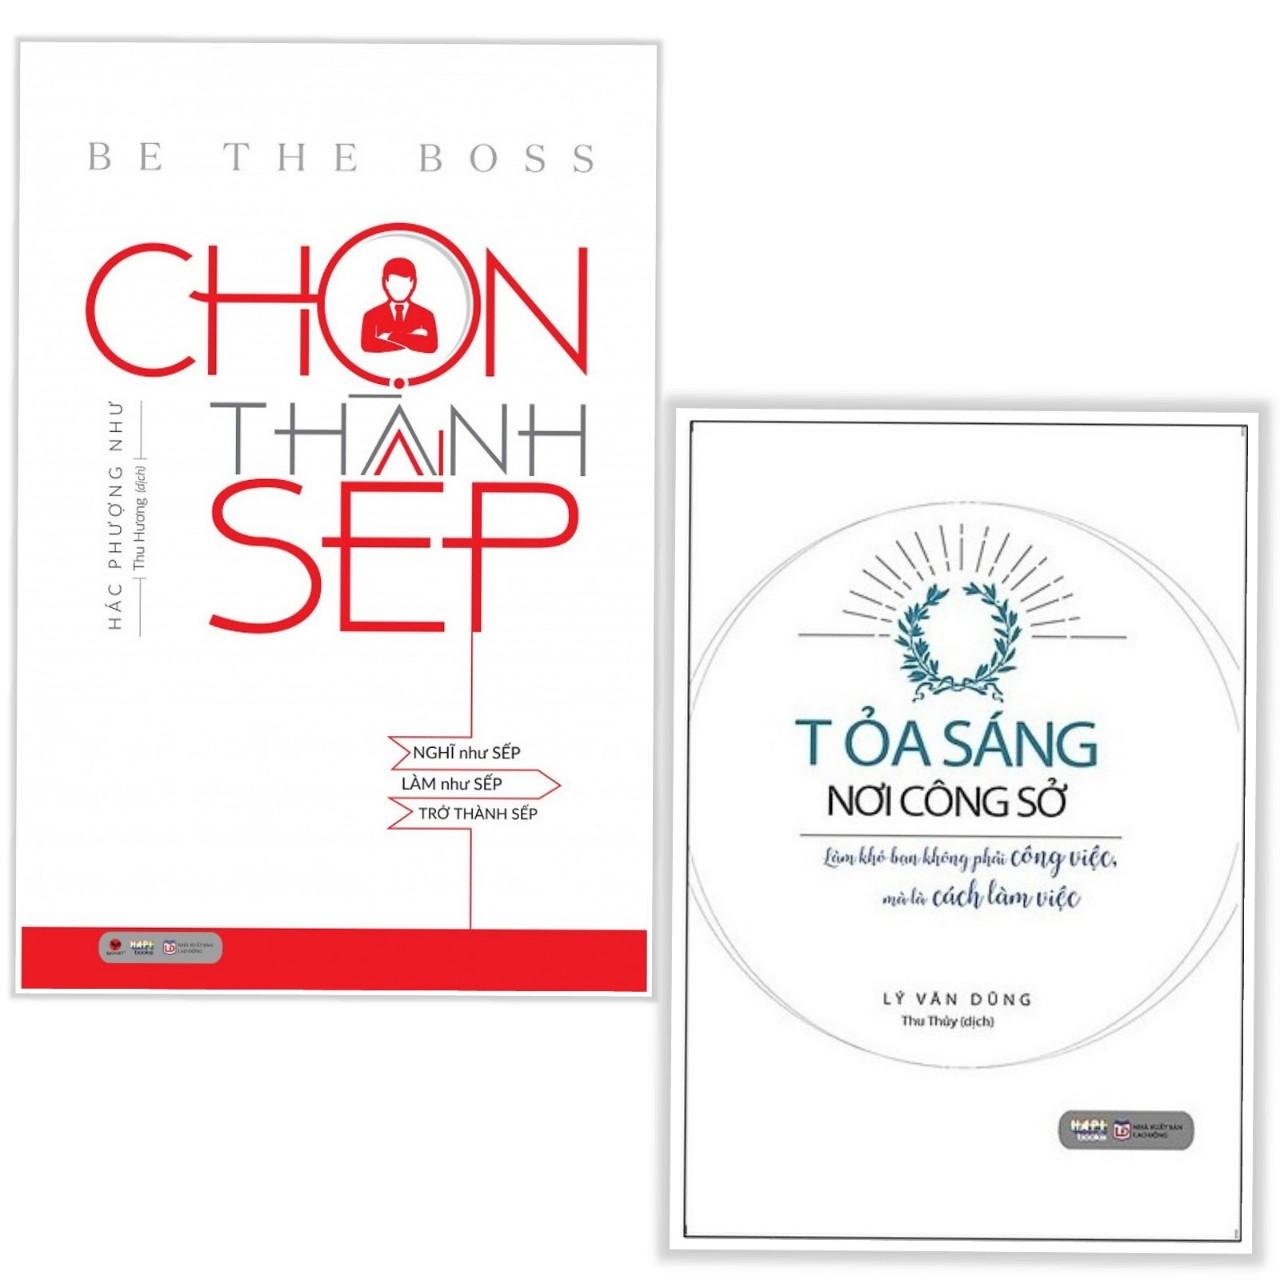 Combo sách quản trị , lãnh đạo hay : Chọn thành sếp + Tỏa sáng nơi công sở - Tặng kèm bookmark PD books